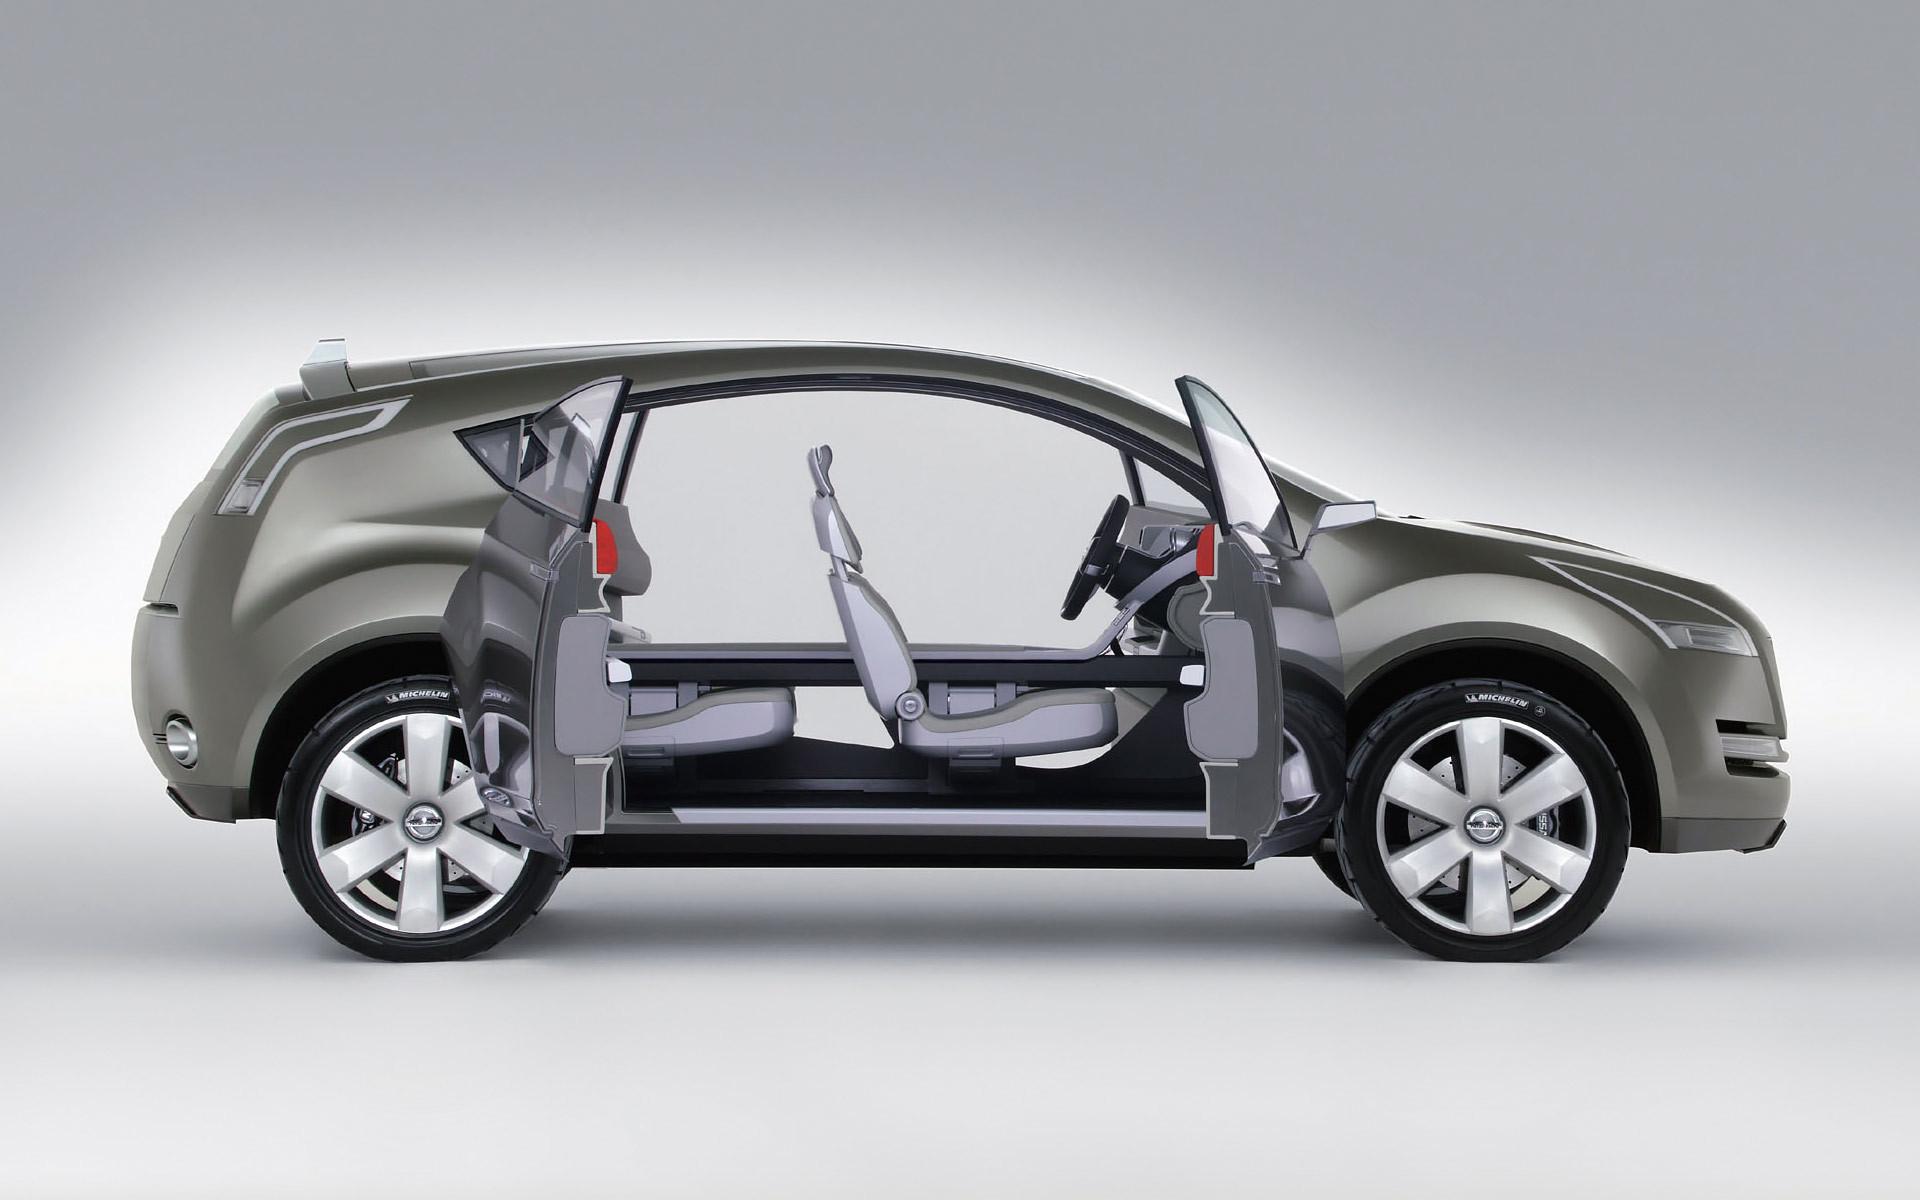 Nissan Qashqai with open doors wallpaper 39020 1920x1200